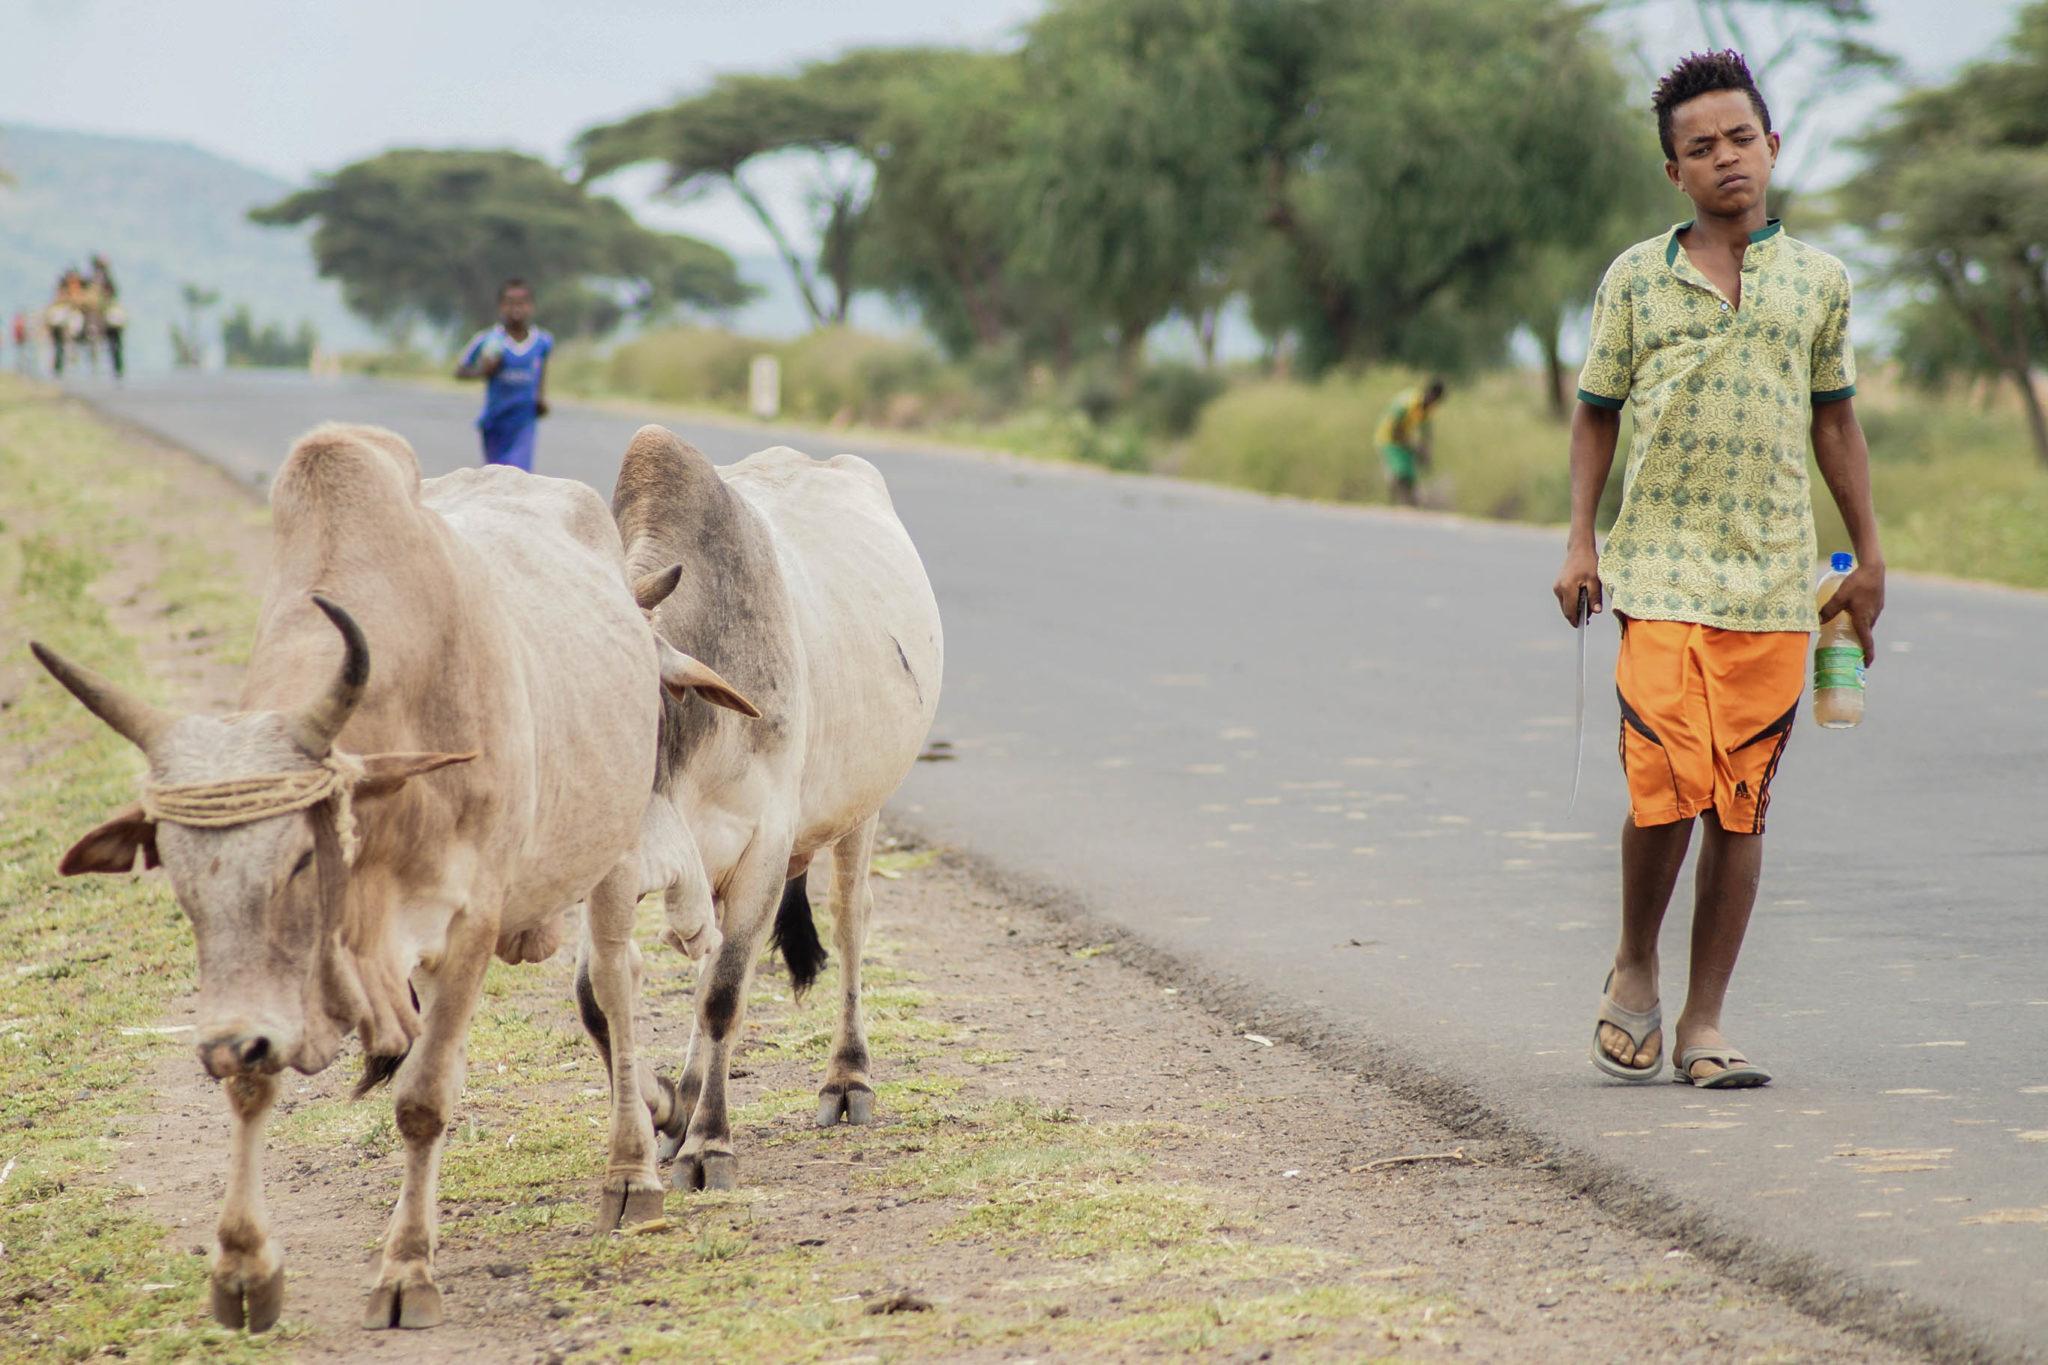 Der Weg zum Dorze Dorf in Äthiopien ist zwar lang, steckt jedoch voller Überraschungen.